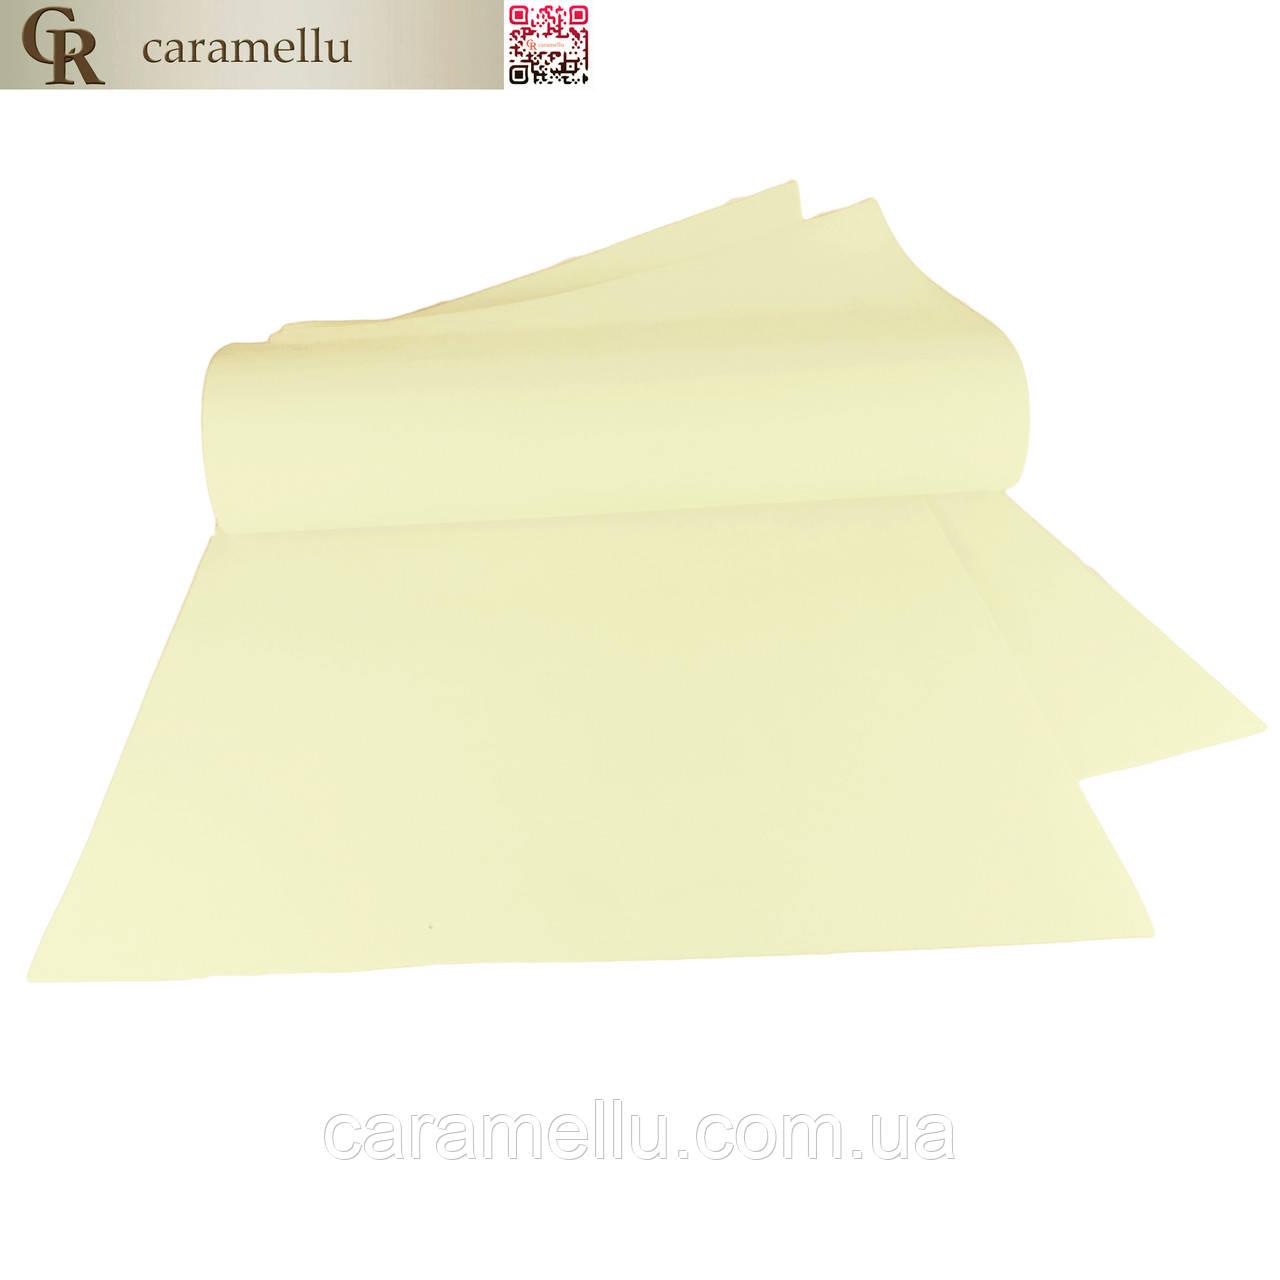 Фоамиран иранский 107, Светло-лимонный, 1мм, 70х30см.